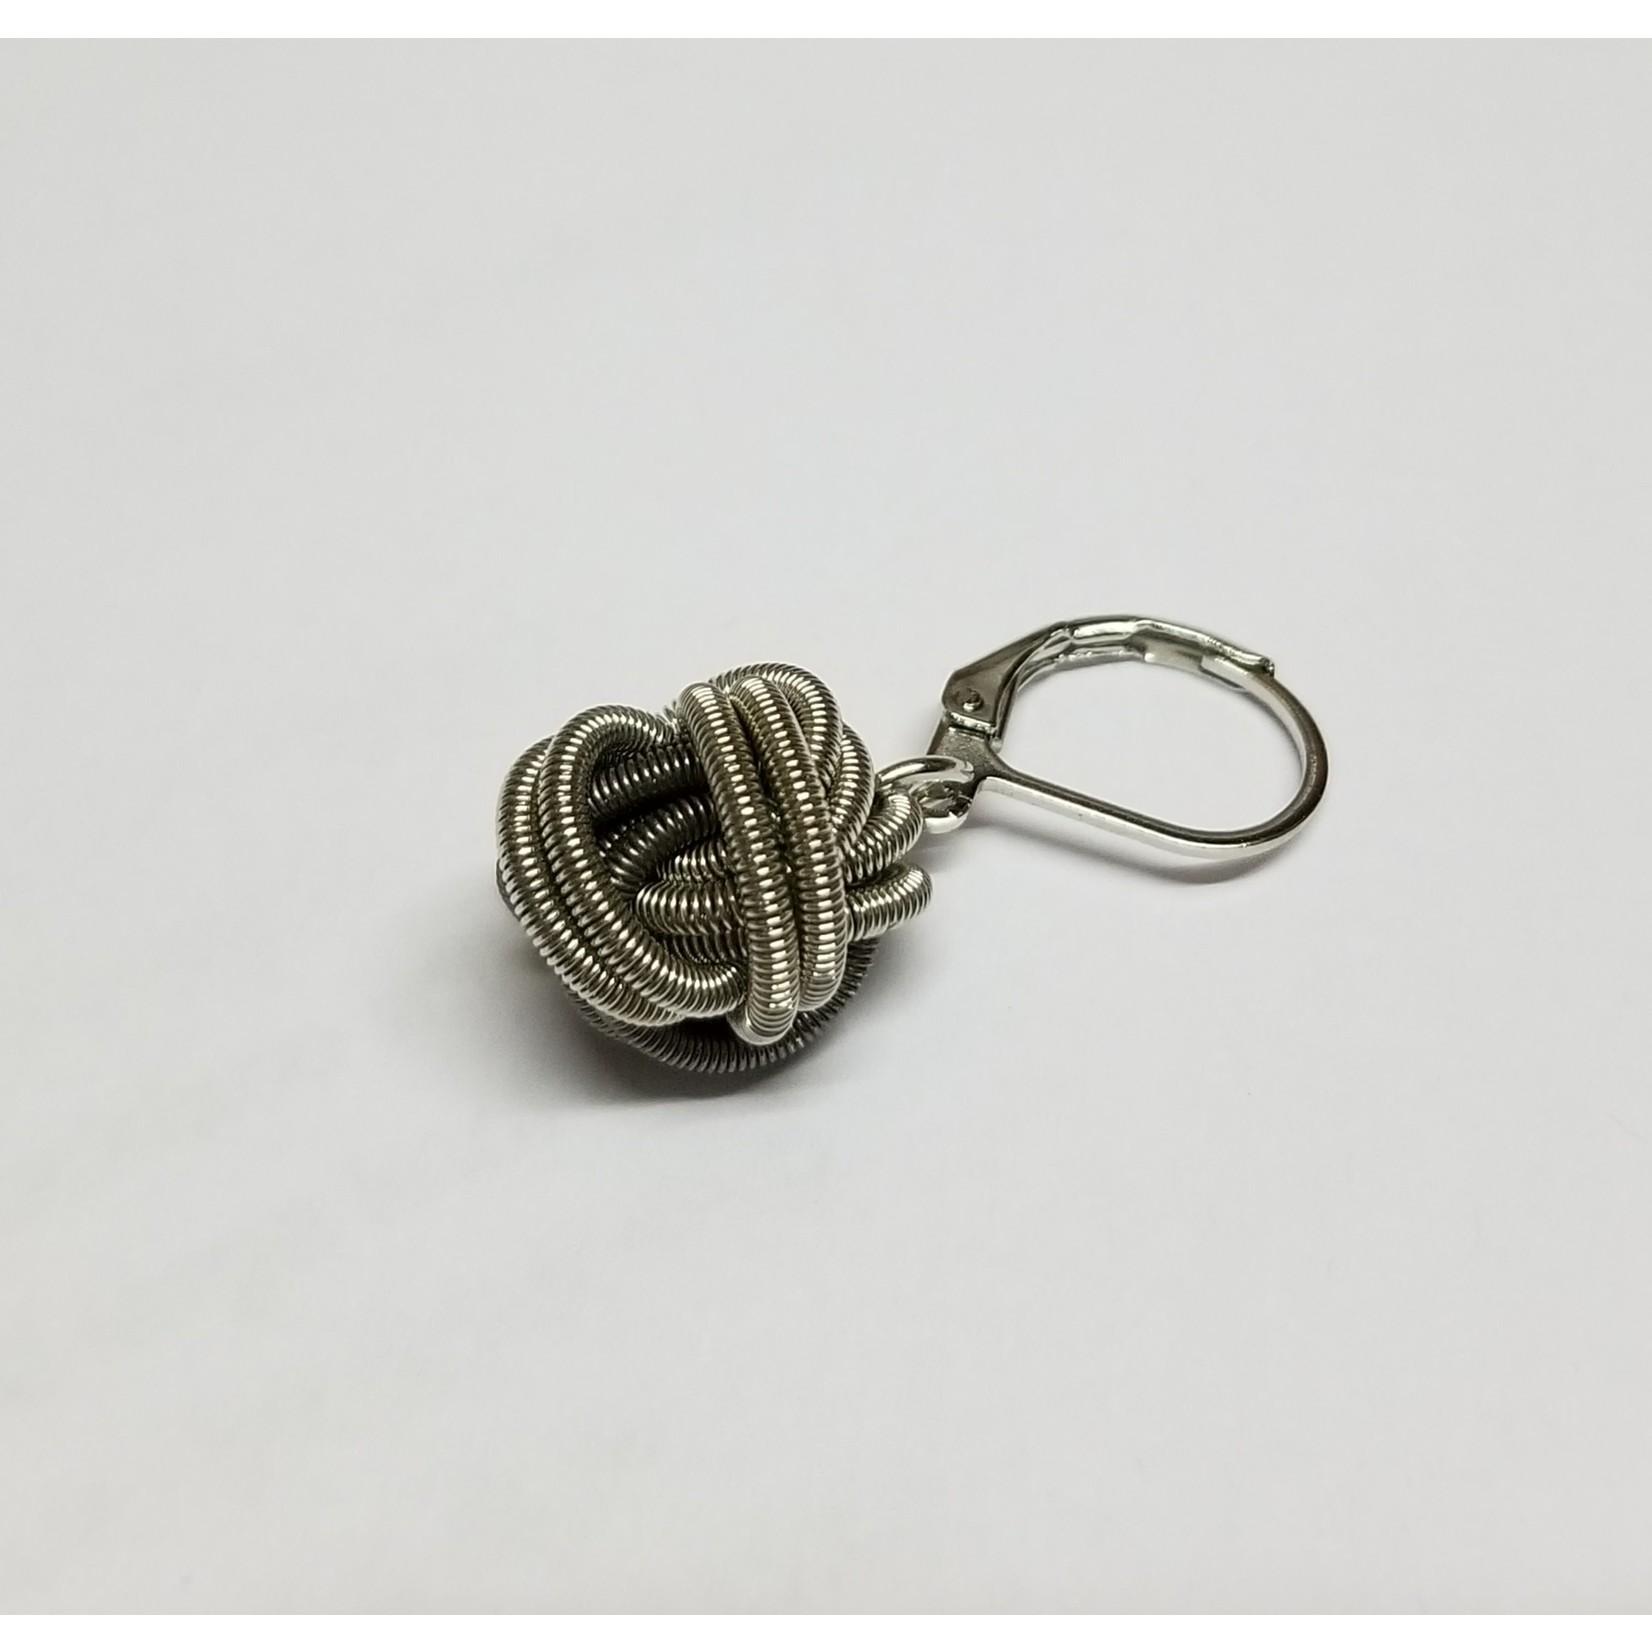 Sea Lily Earrings/SilvSlatePianoWrKnot